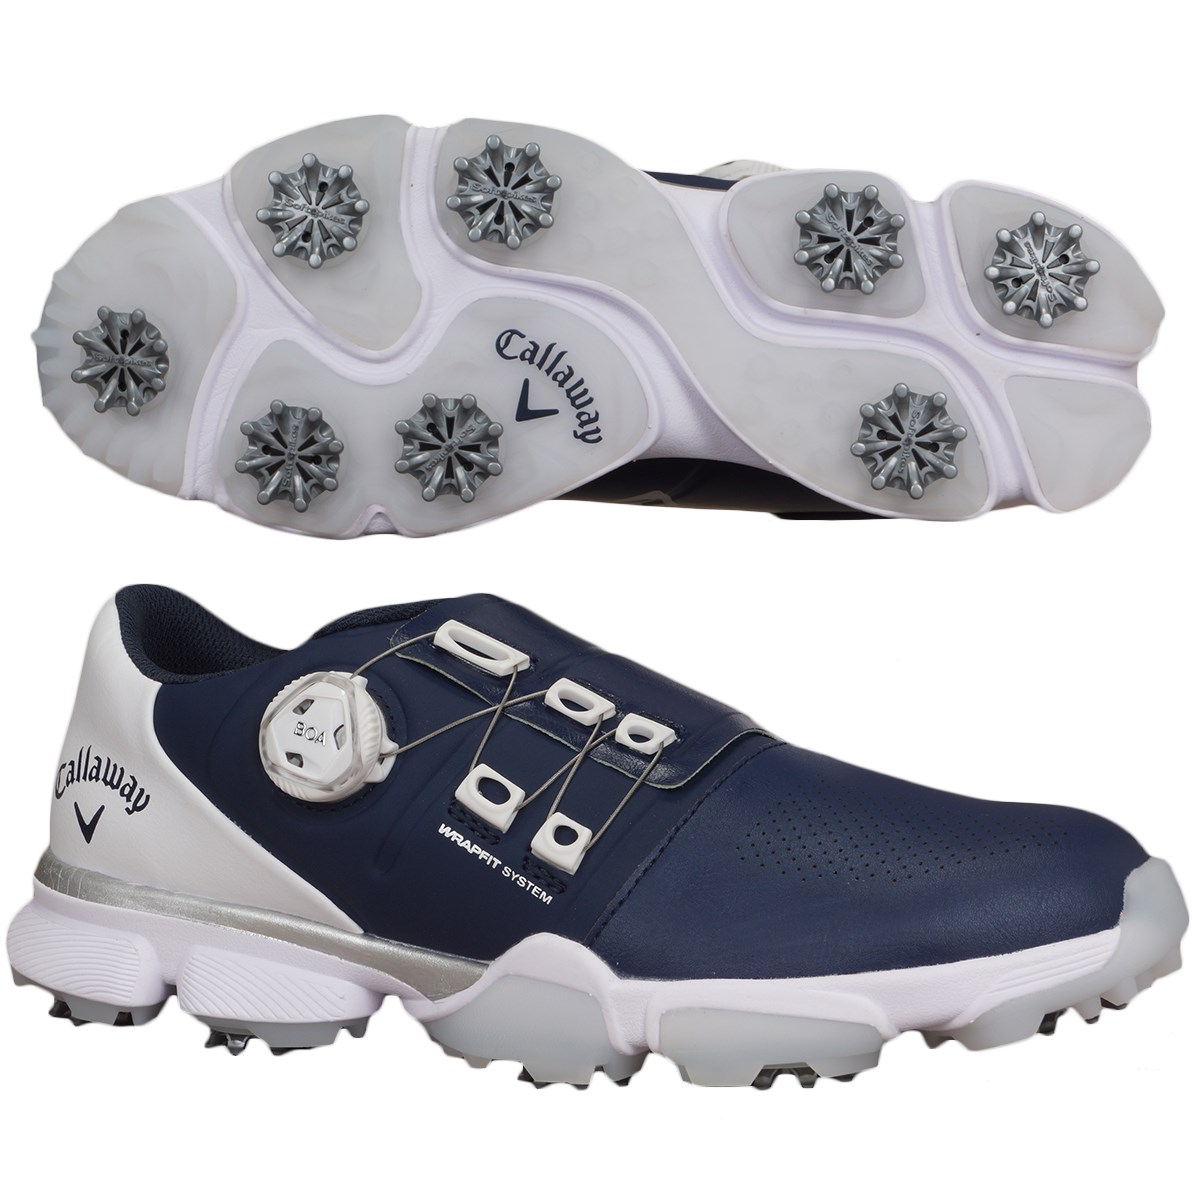 キャロウェイゴルフ Callaway Golf ゴルフシューズ 27.5cm ネイビー 120